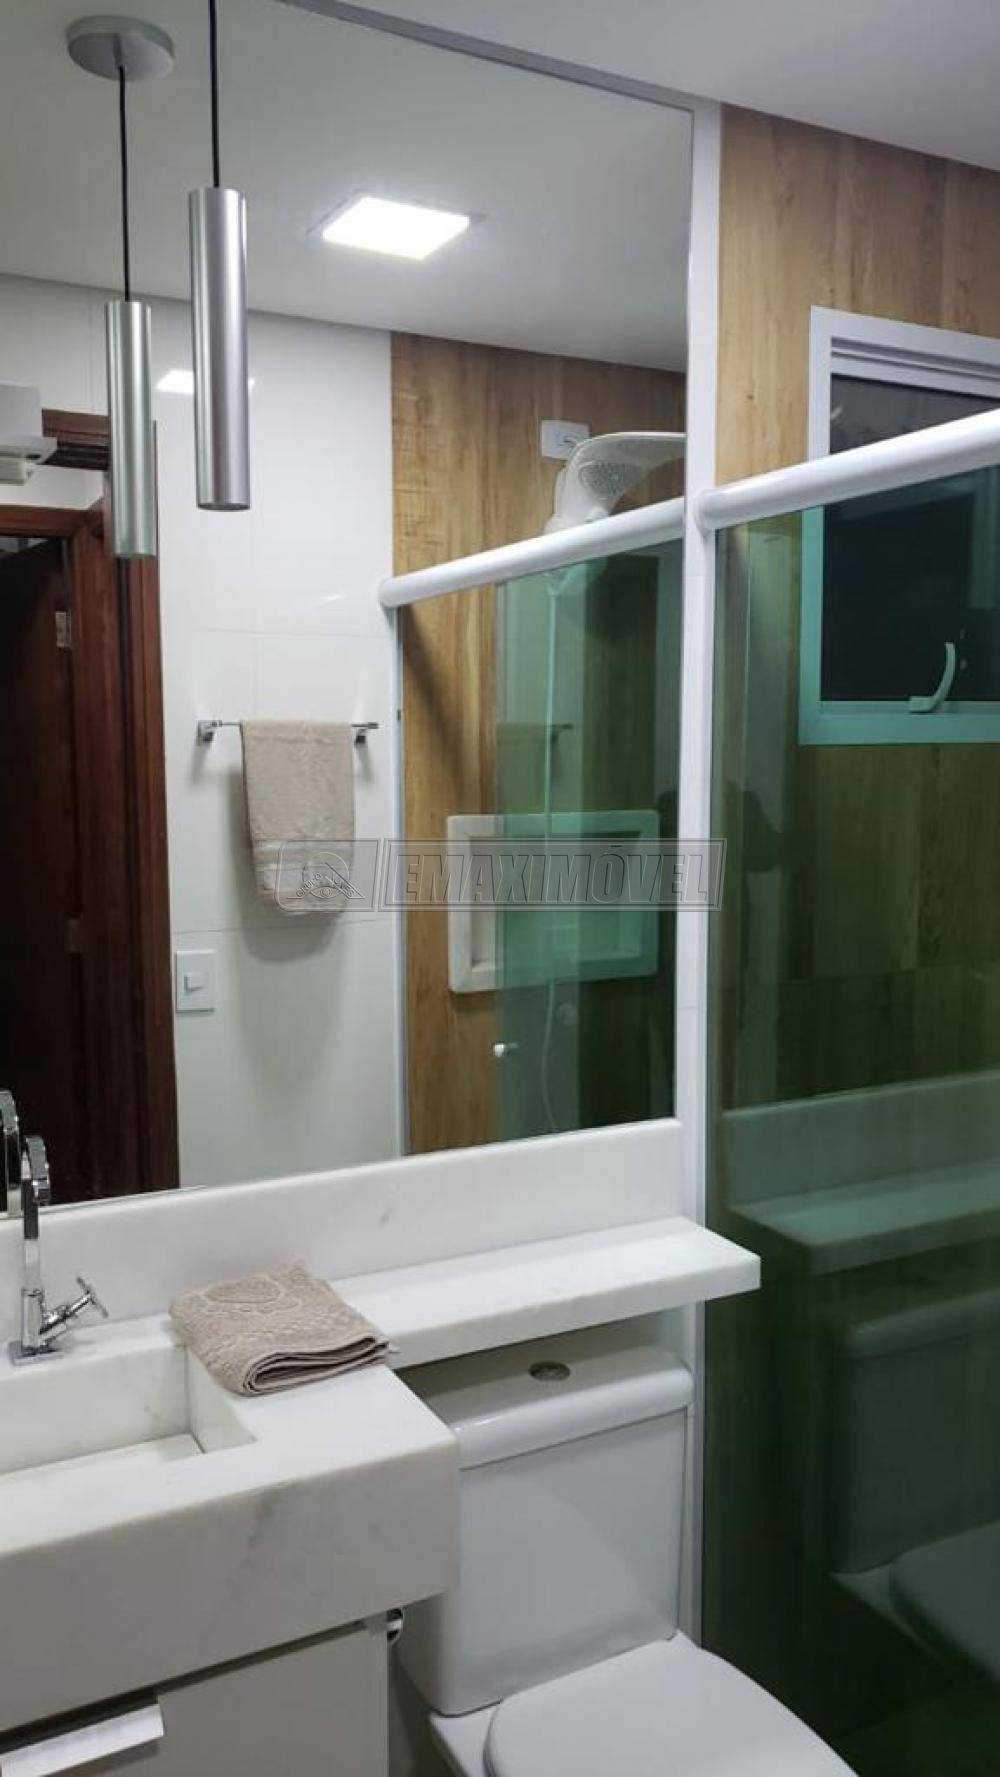 Alugar Apartamento / Padrão em Sorocaba R$ 1.600,00 - Foto 13